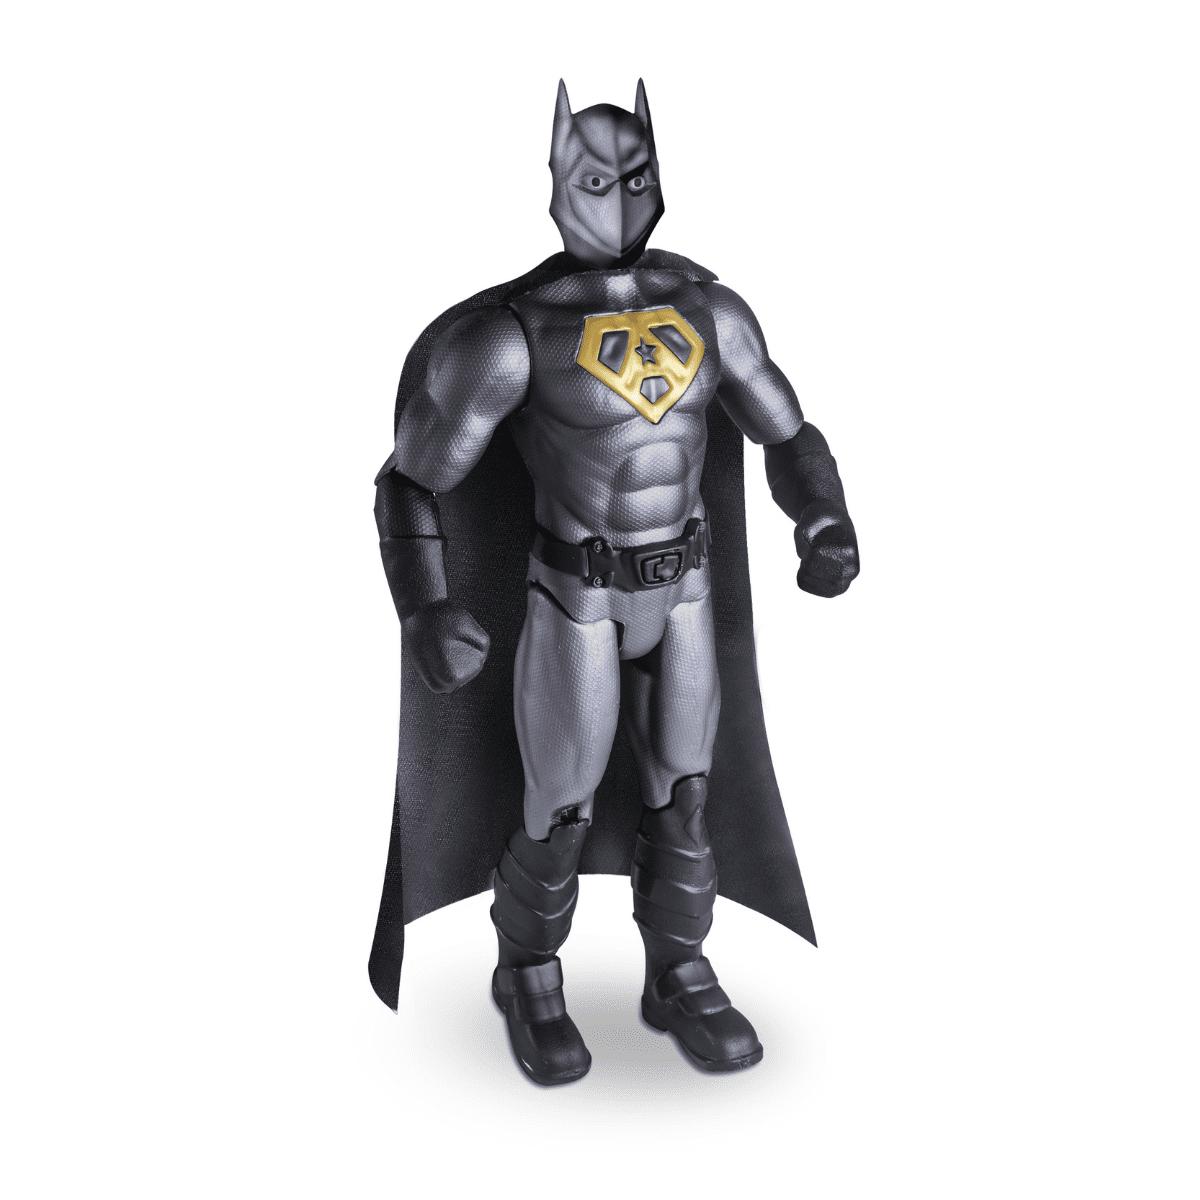 DarkMan Super Heroes Batman Super Herói